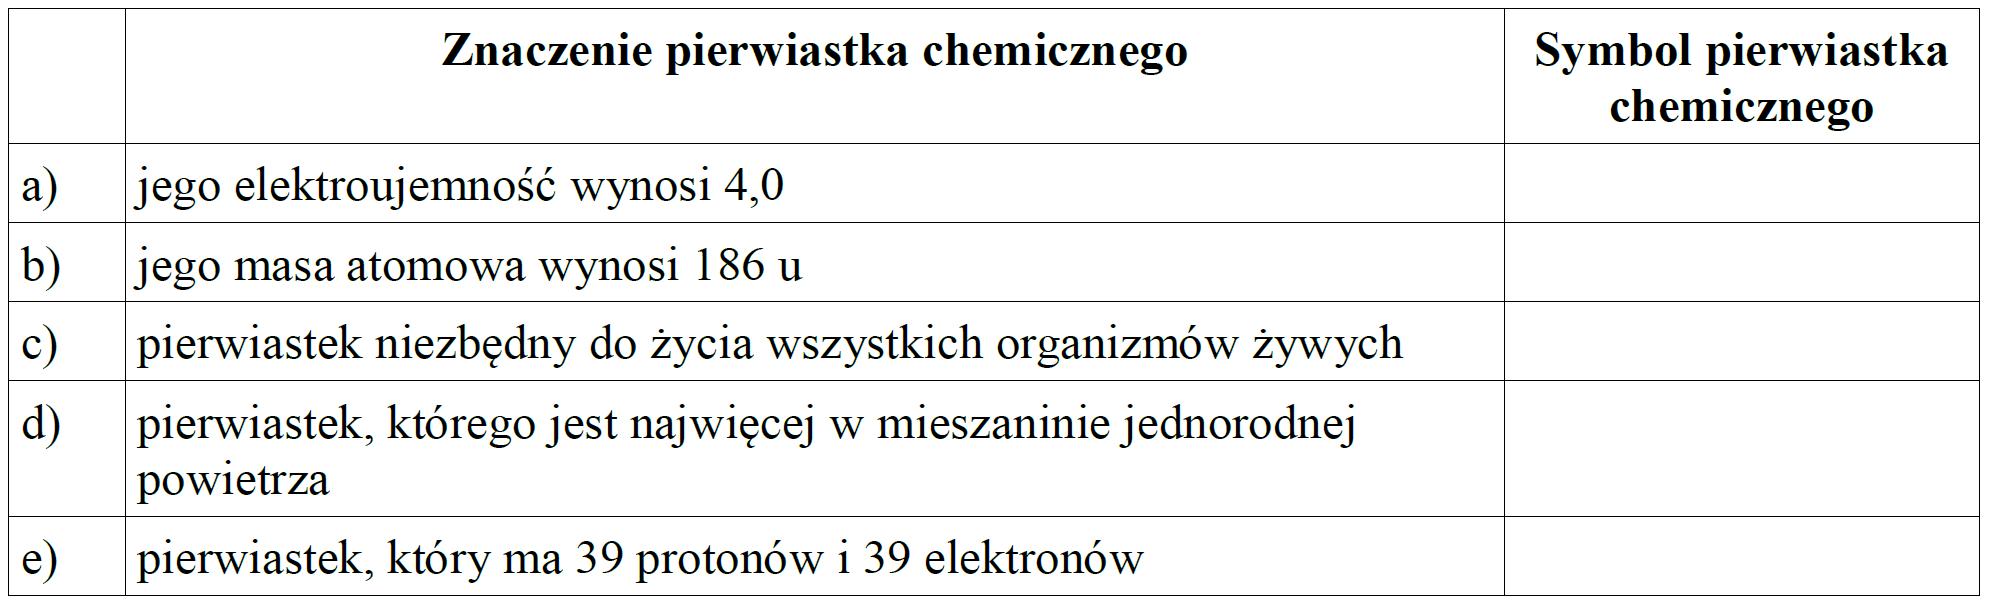 Ustal symbole pierwiastków chemicznych na podstawie ich znaczenia podanego w tabeli, a następnie podaj nazwę gazów, którą można utworzyć z tych symboli odczytując w pionie: